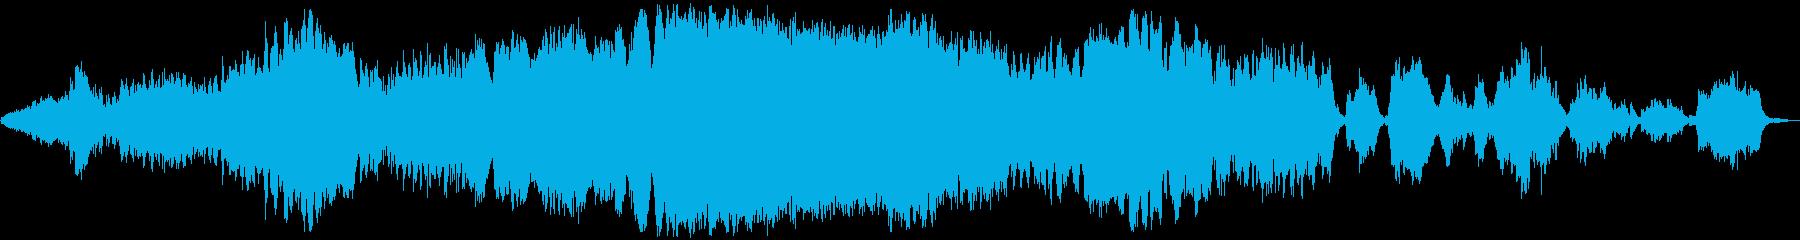 SF的オーケストラ音楽の再生済みの波形